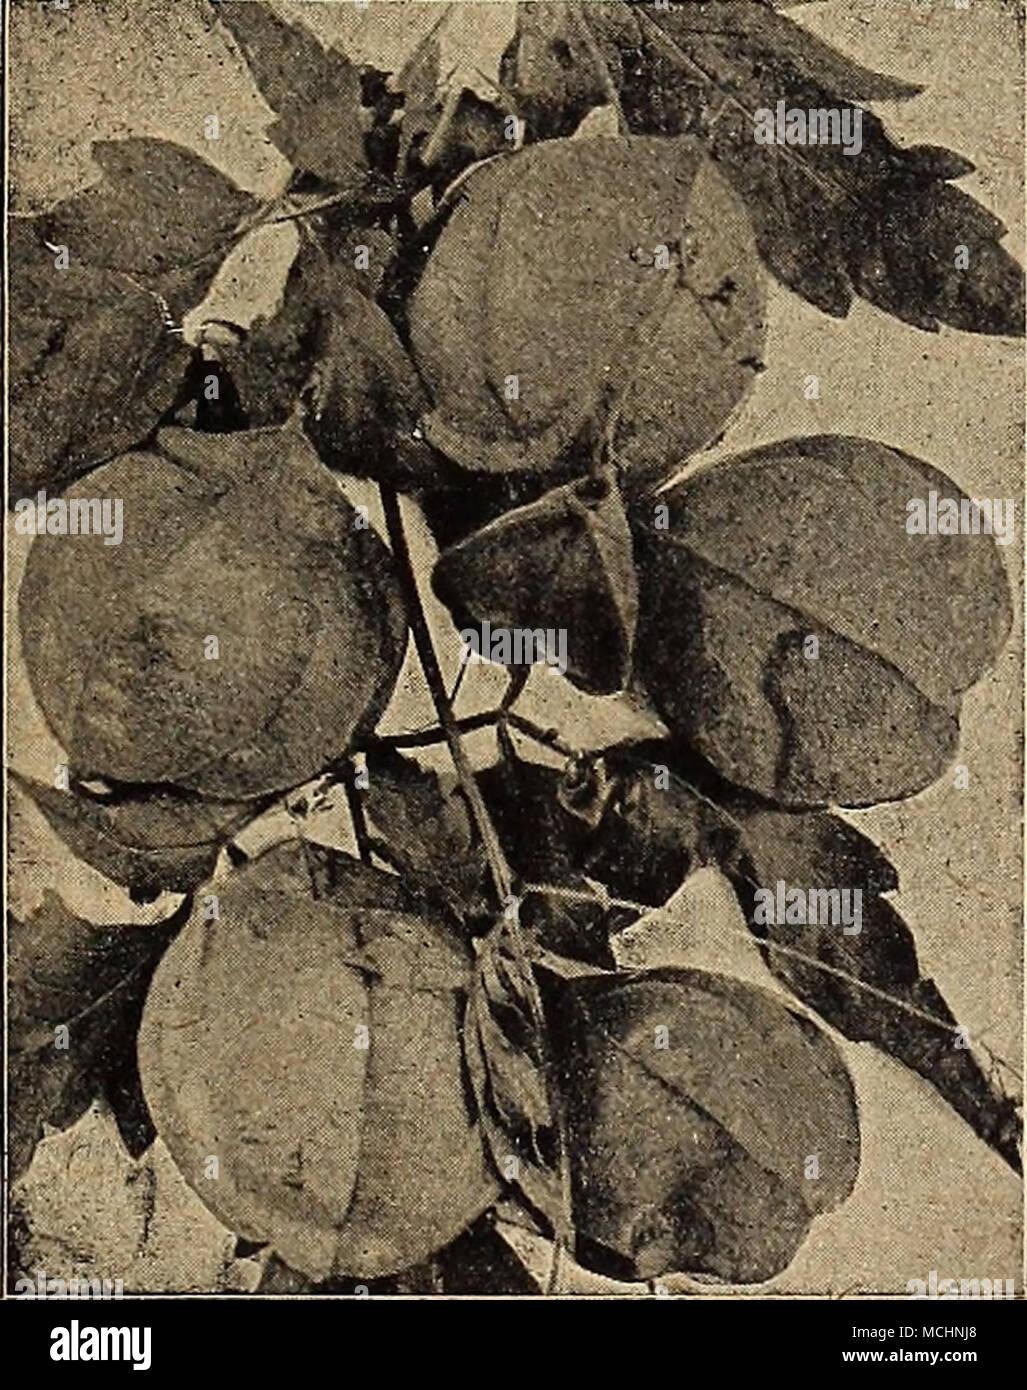 . Vid globo doble flor de camelia bálsamos (Lady Zapatilla) Un viejo y jardín de flores favoritas, produciendo sus magníficas masas de beauti- ful brillantes flores dobles de color en el mayor profusión; de fácil cultivo; logra un buen suelo rico; anuarios de licitación; 2 pies. Iniciar la semilla adentro en Abril, o siembre afuera en Mayo. Para crecer bien especímenes que no deben estar a menos de 18 pulgadas. (Ver corte.) 1532 El salmón Prince. Exquisito salmón rosado; muy dobles: 10 I>33 luz amarilla 10 1534 escarlata. Fiery brillante scarlet 10 1535 Solferino. Y manchada de rayas blanco, lila y scarle Foto de stock